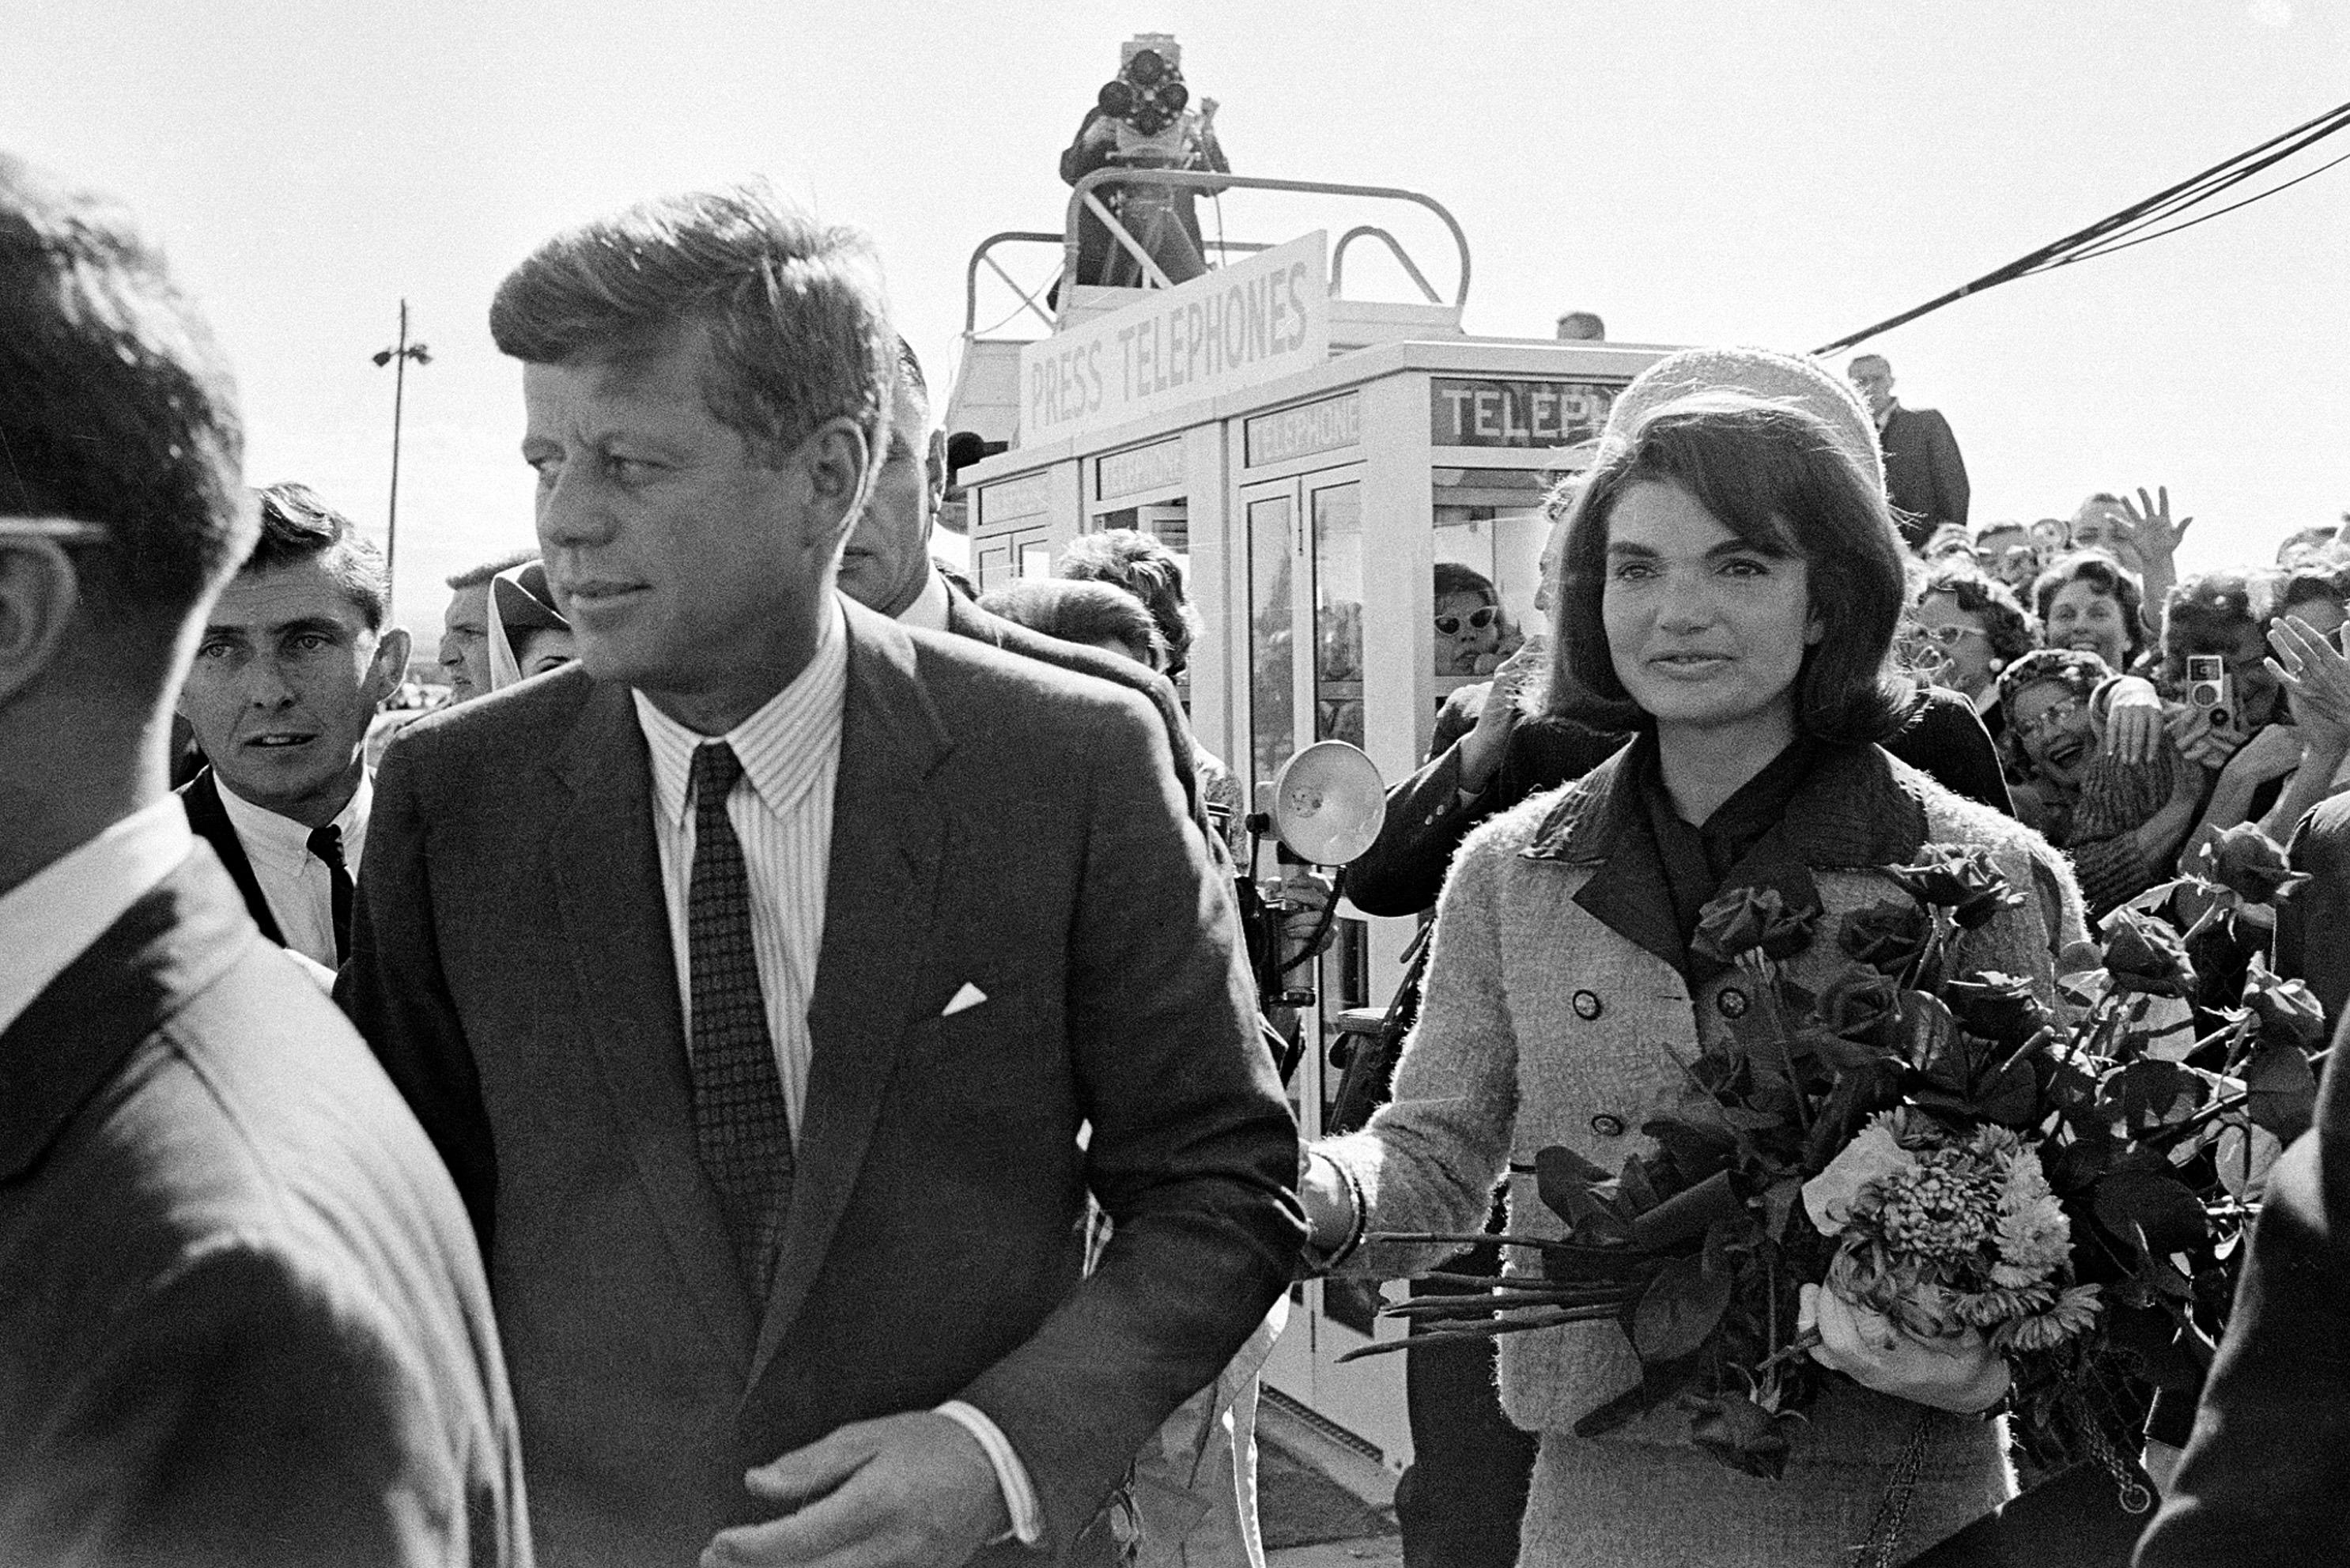 Джон Кеннеди, первая леди Жаклин Кеннеди и букет цветов